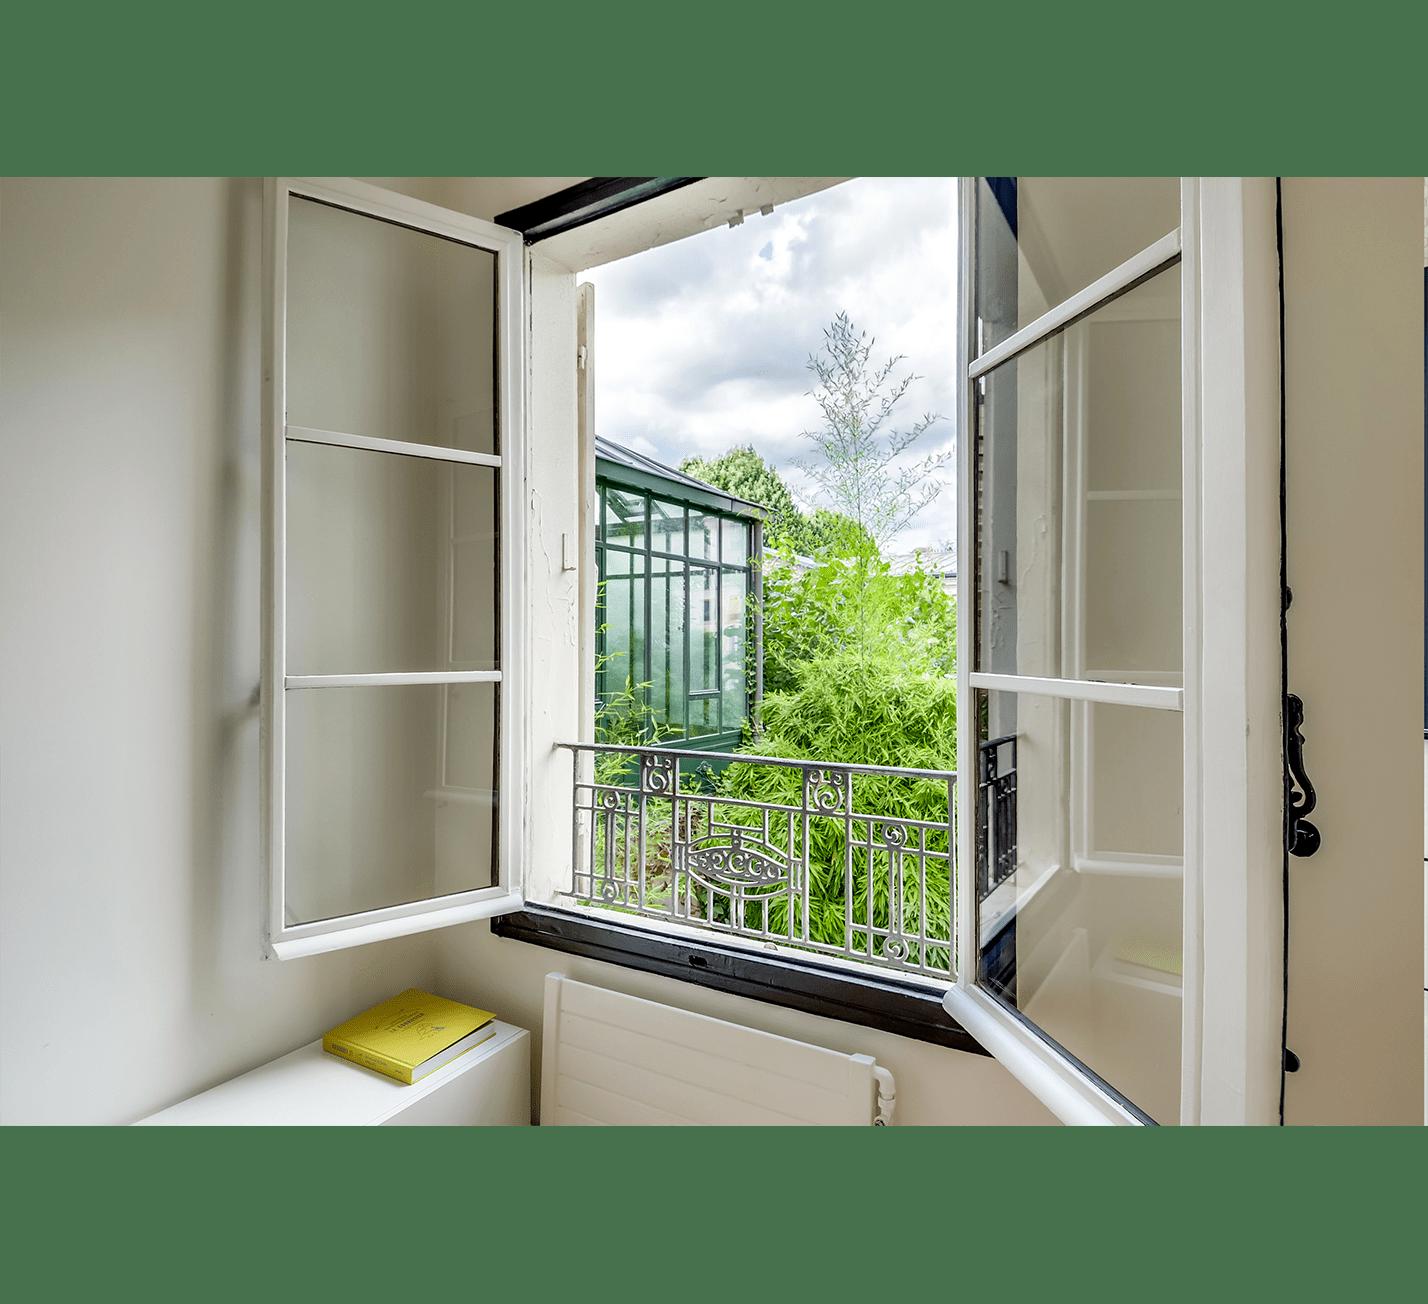 Projet-Maison-Montespan-Atelier-Steve-Pauline-Borgia-Architecture-interieur-02-min